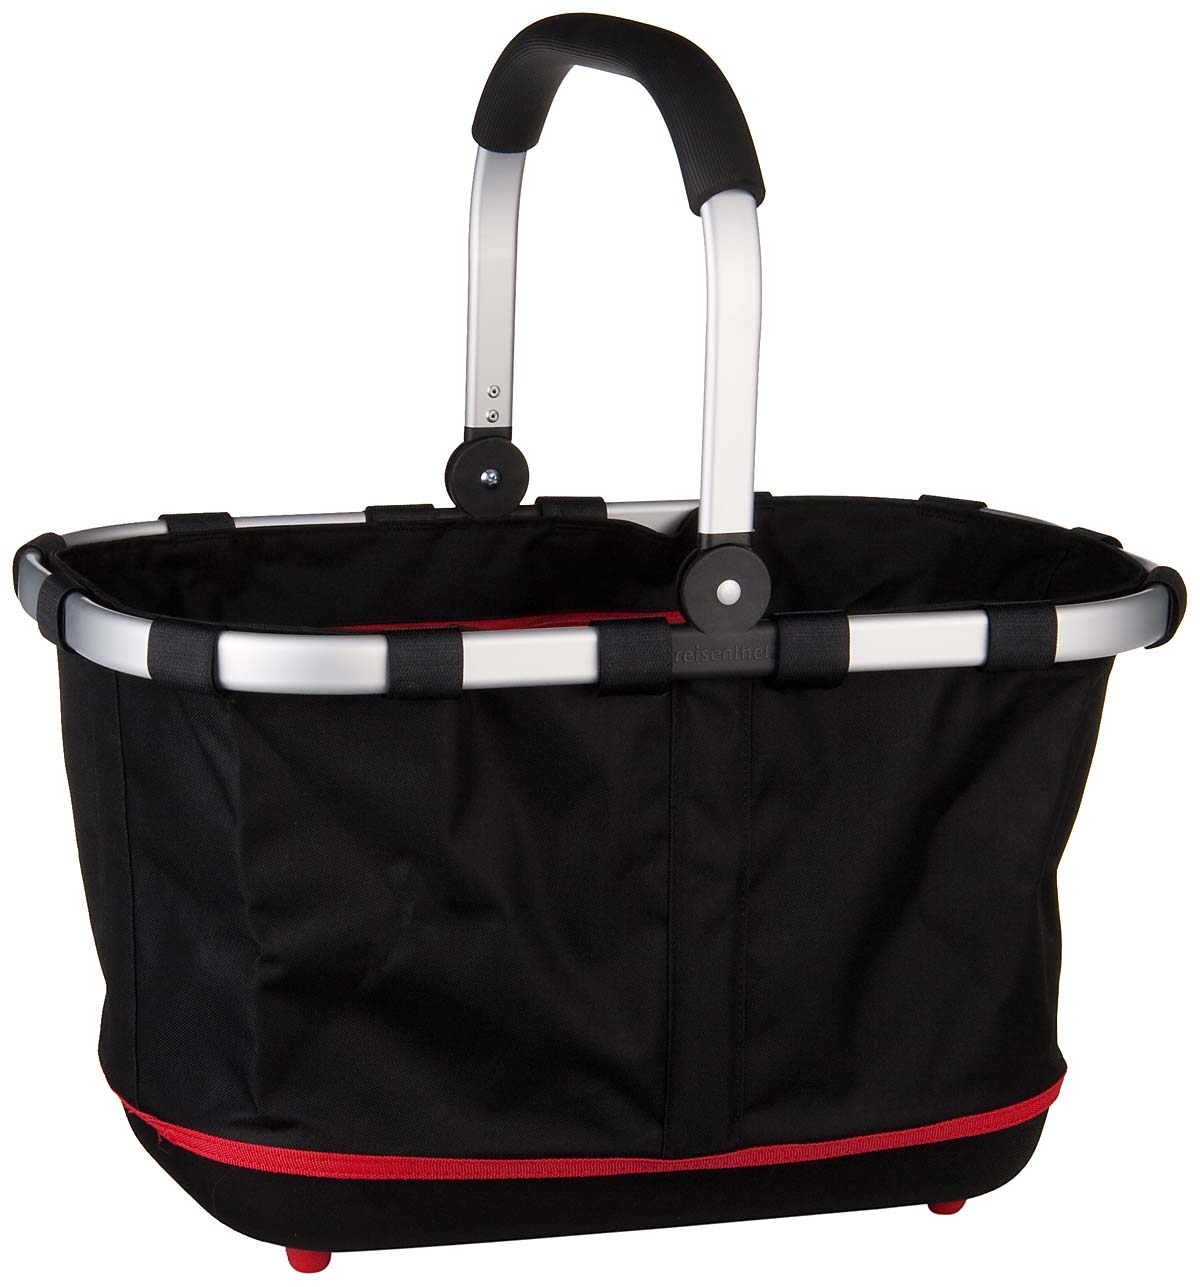 reisenthel carrybag 2 Black - Einkaufstasche